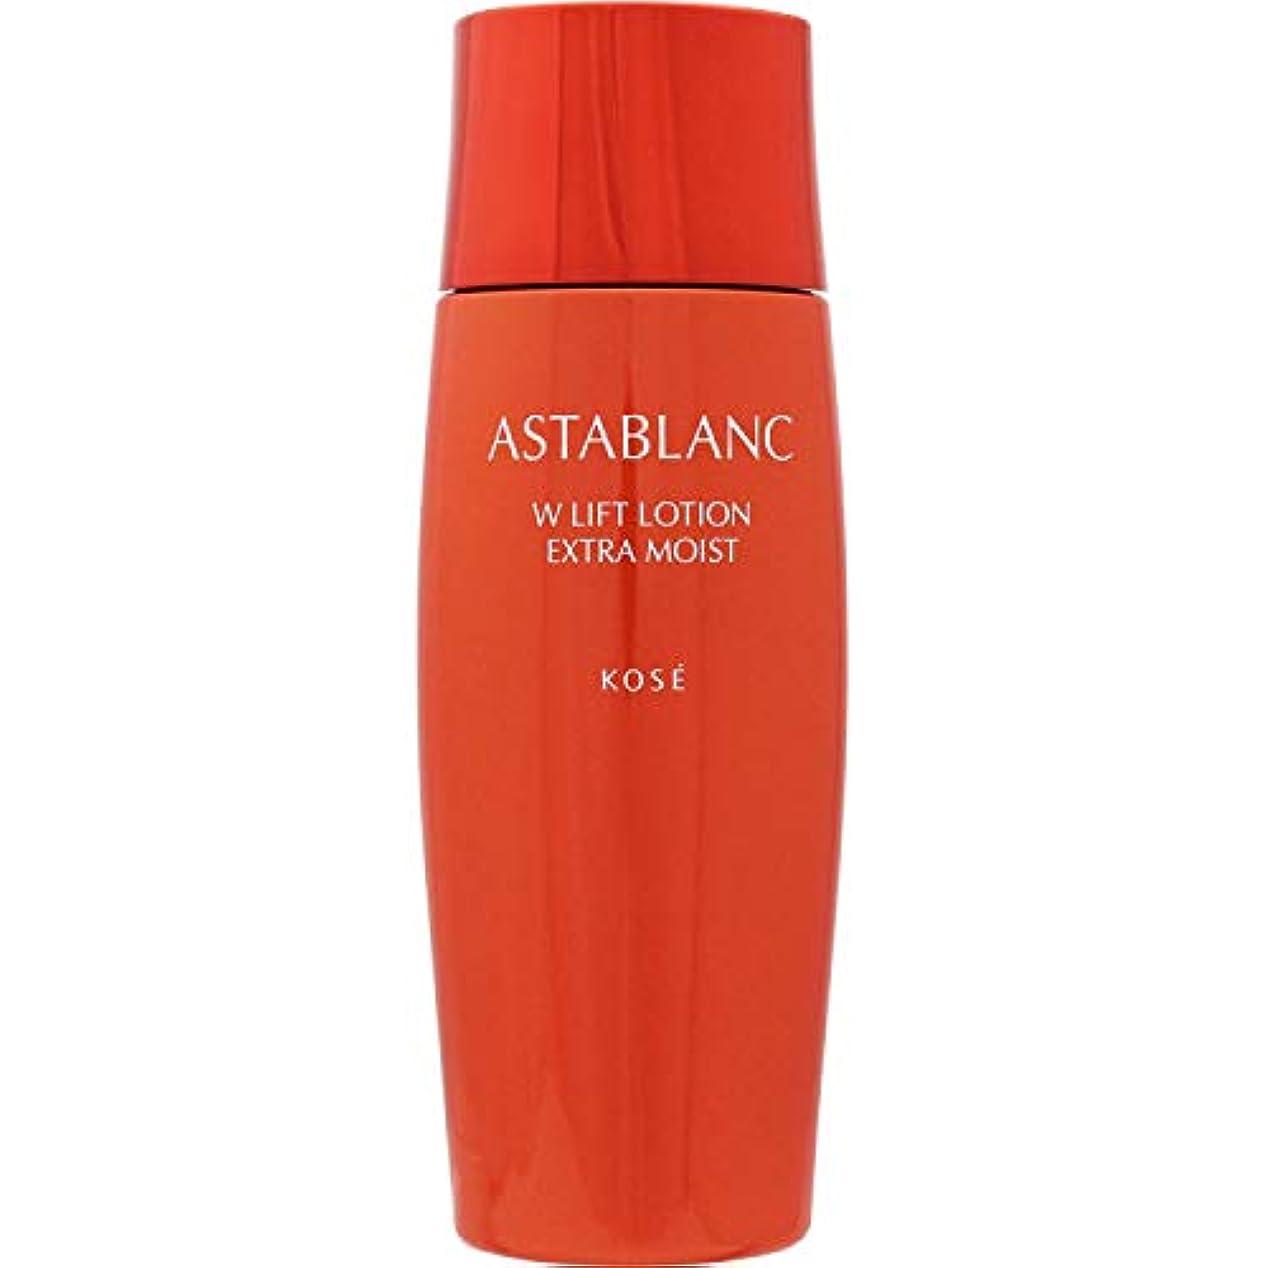 クレデンシャル最大の職人ASTABLANC(アスタブラン) アスタブラン Wリフト ローション とてもしっとり 化粧水 140mL